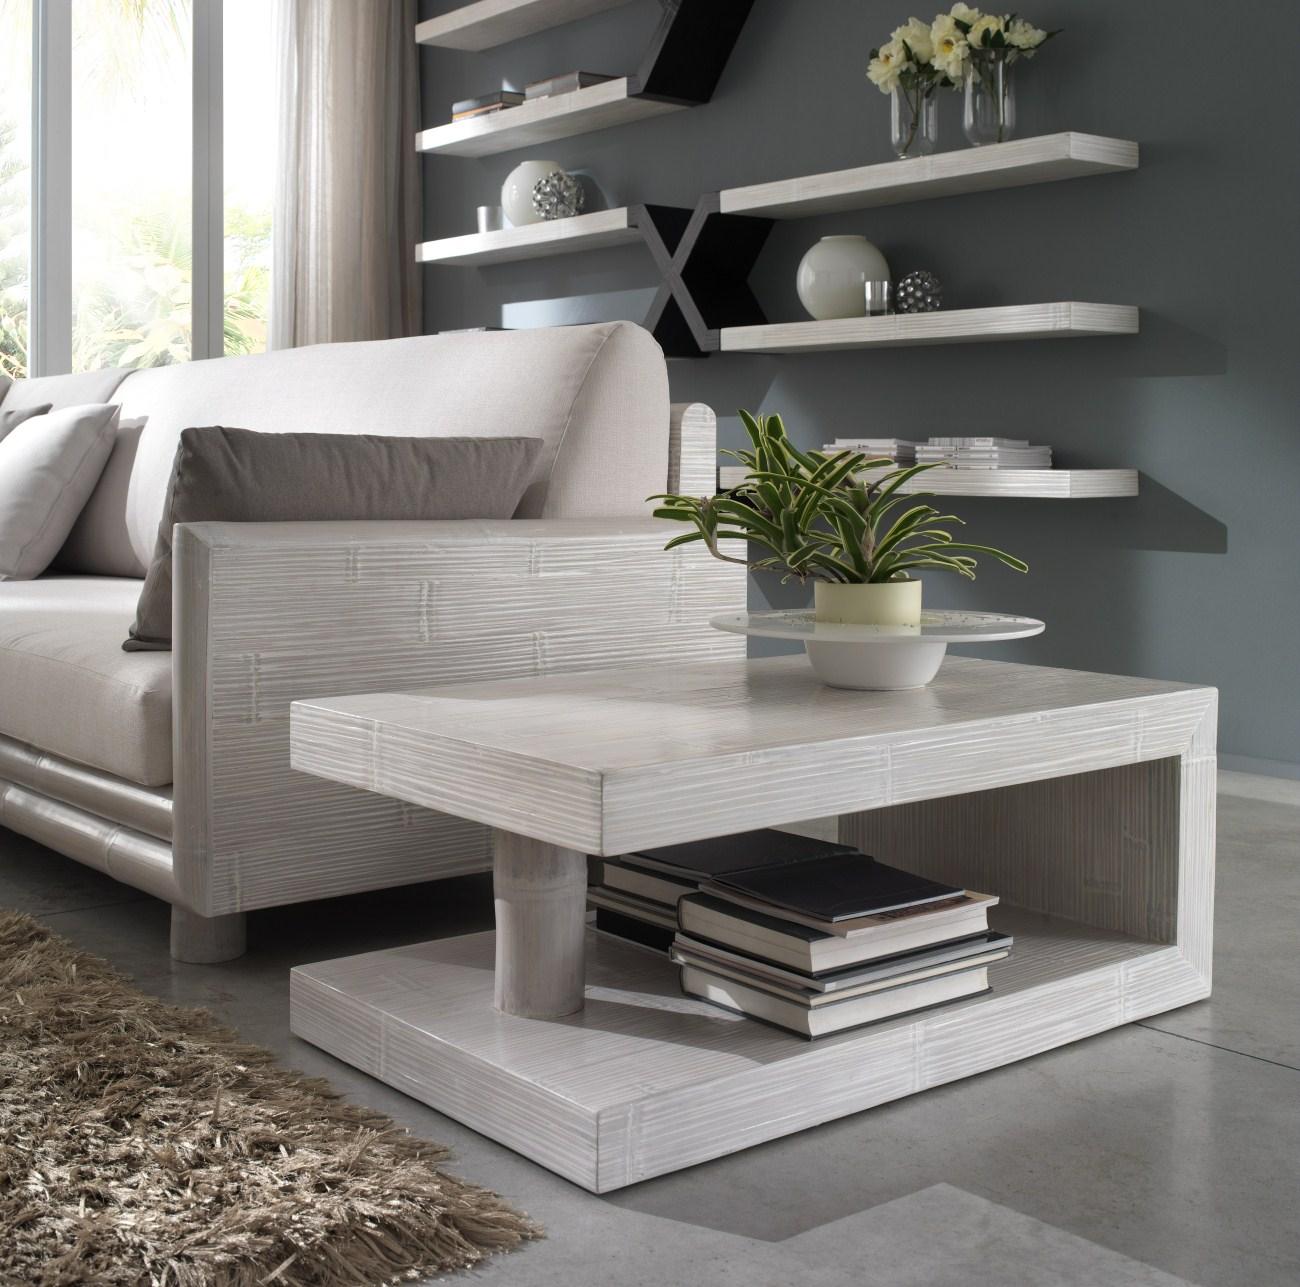 Tavolino rubik casa del bamb for Tavolini trasformabili ikea